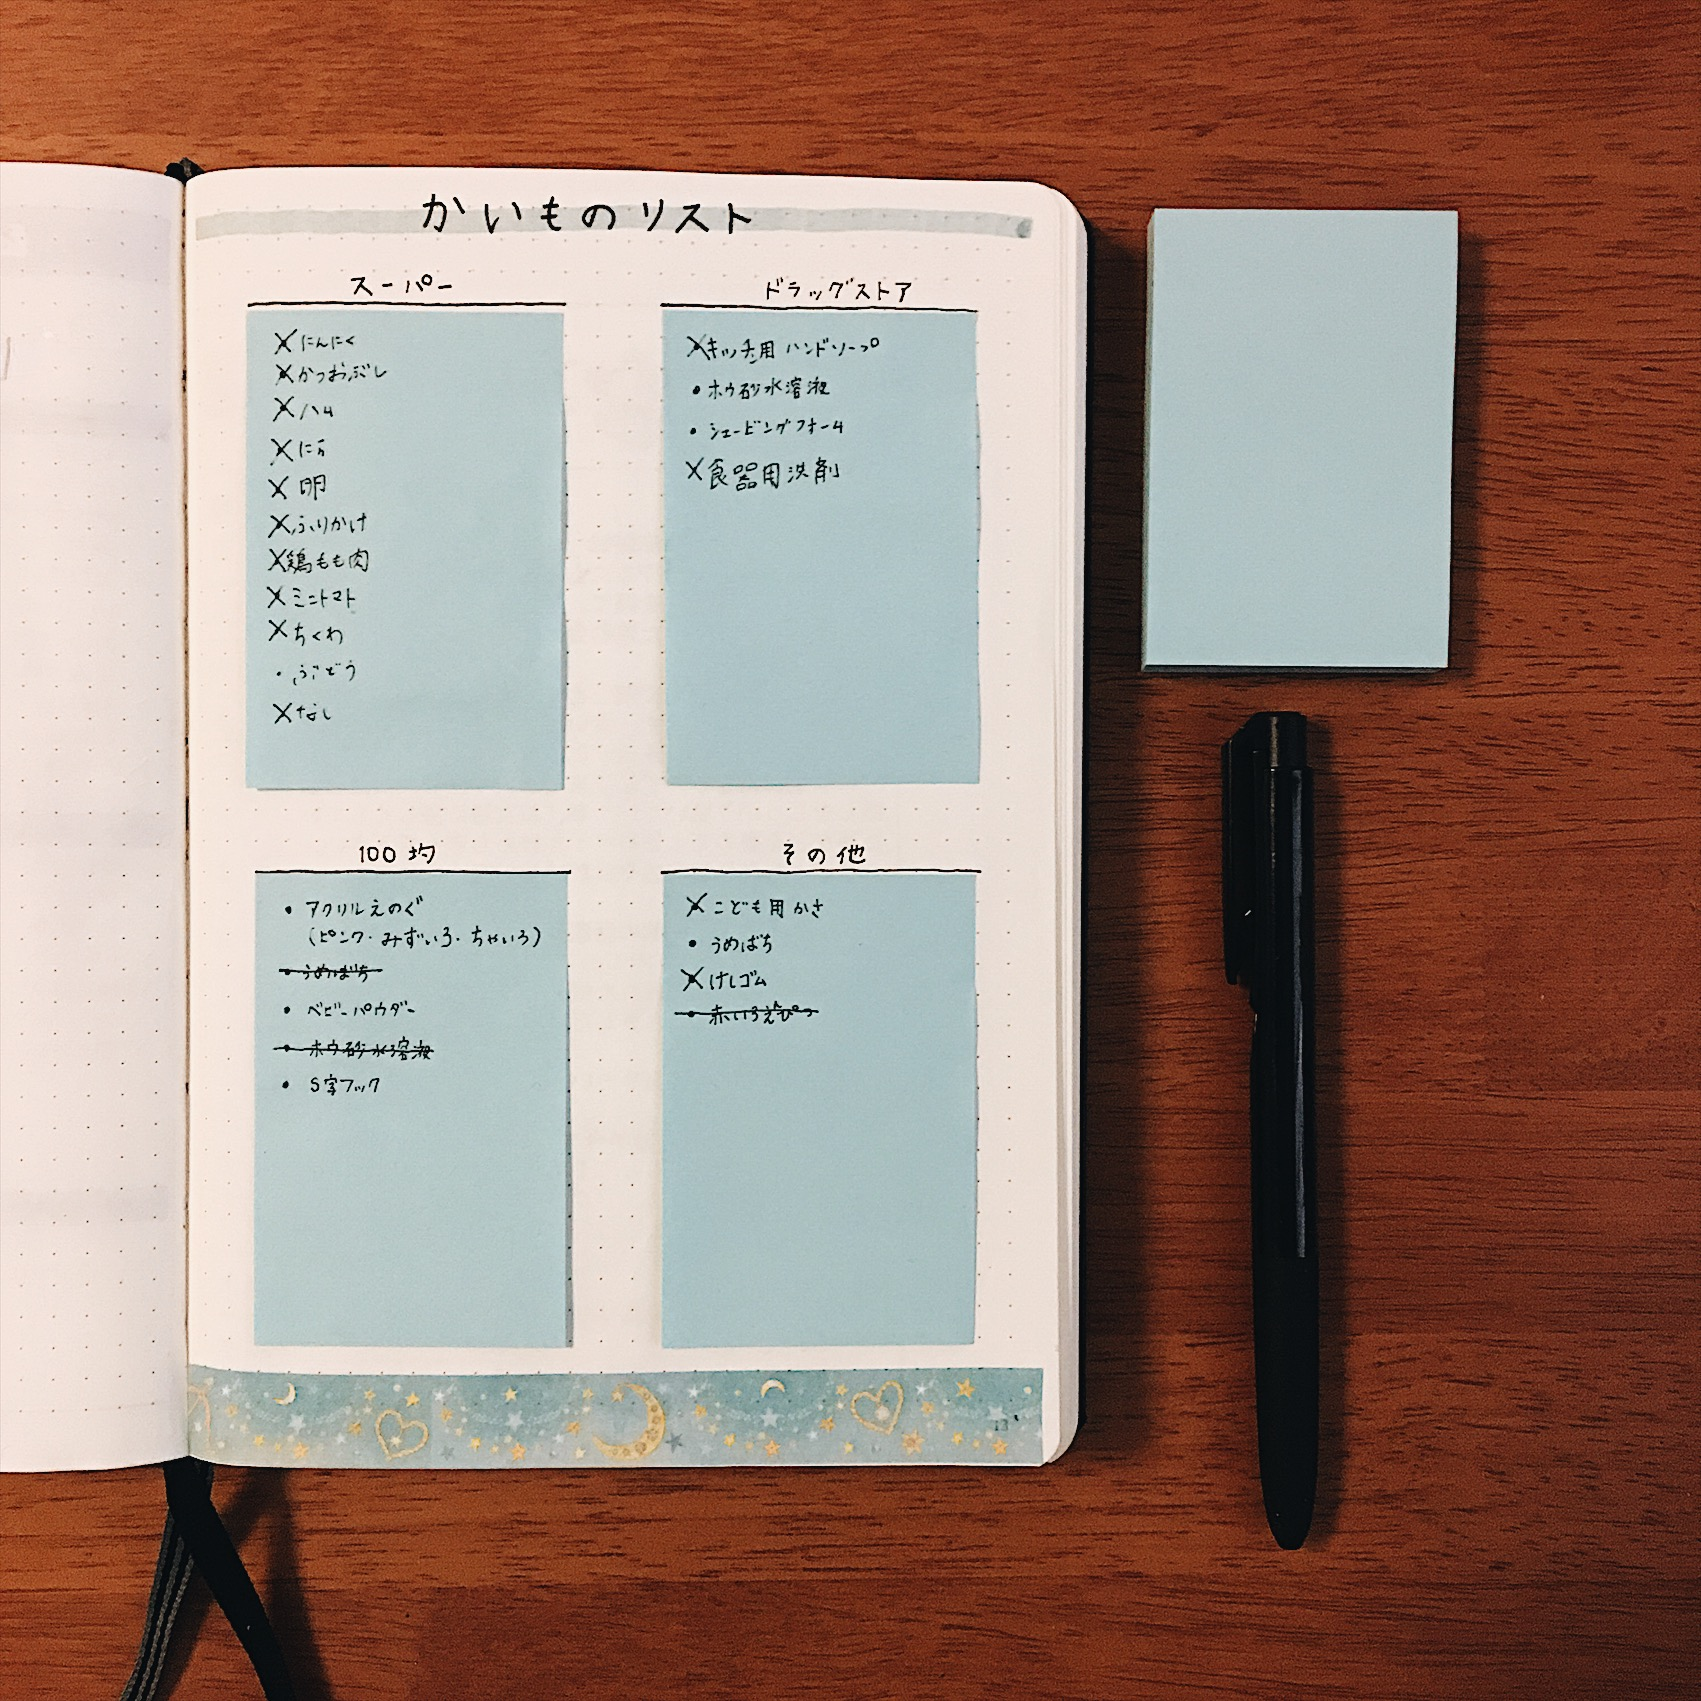 買い物リストを書いた付箋を貼るページ。行き先に合わせて、持って行く付箋を決める。